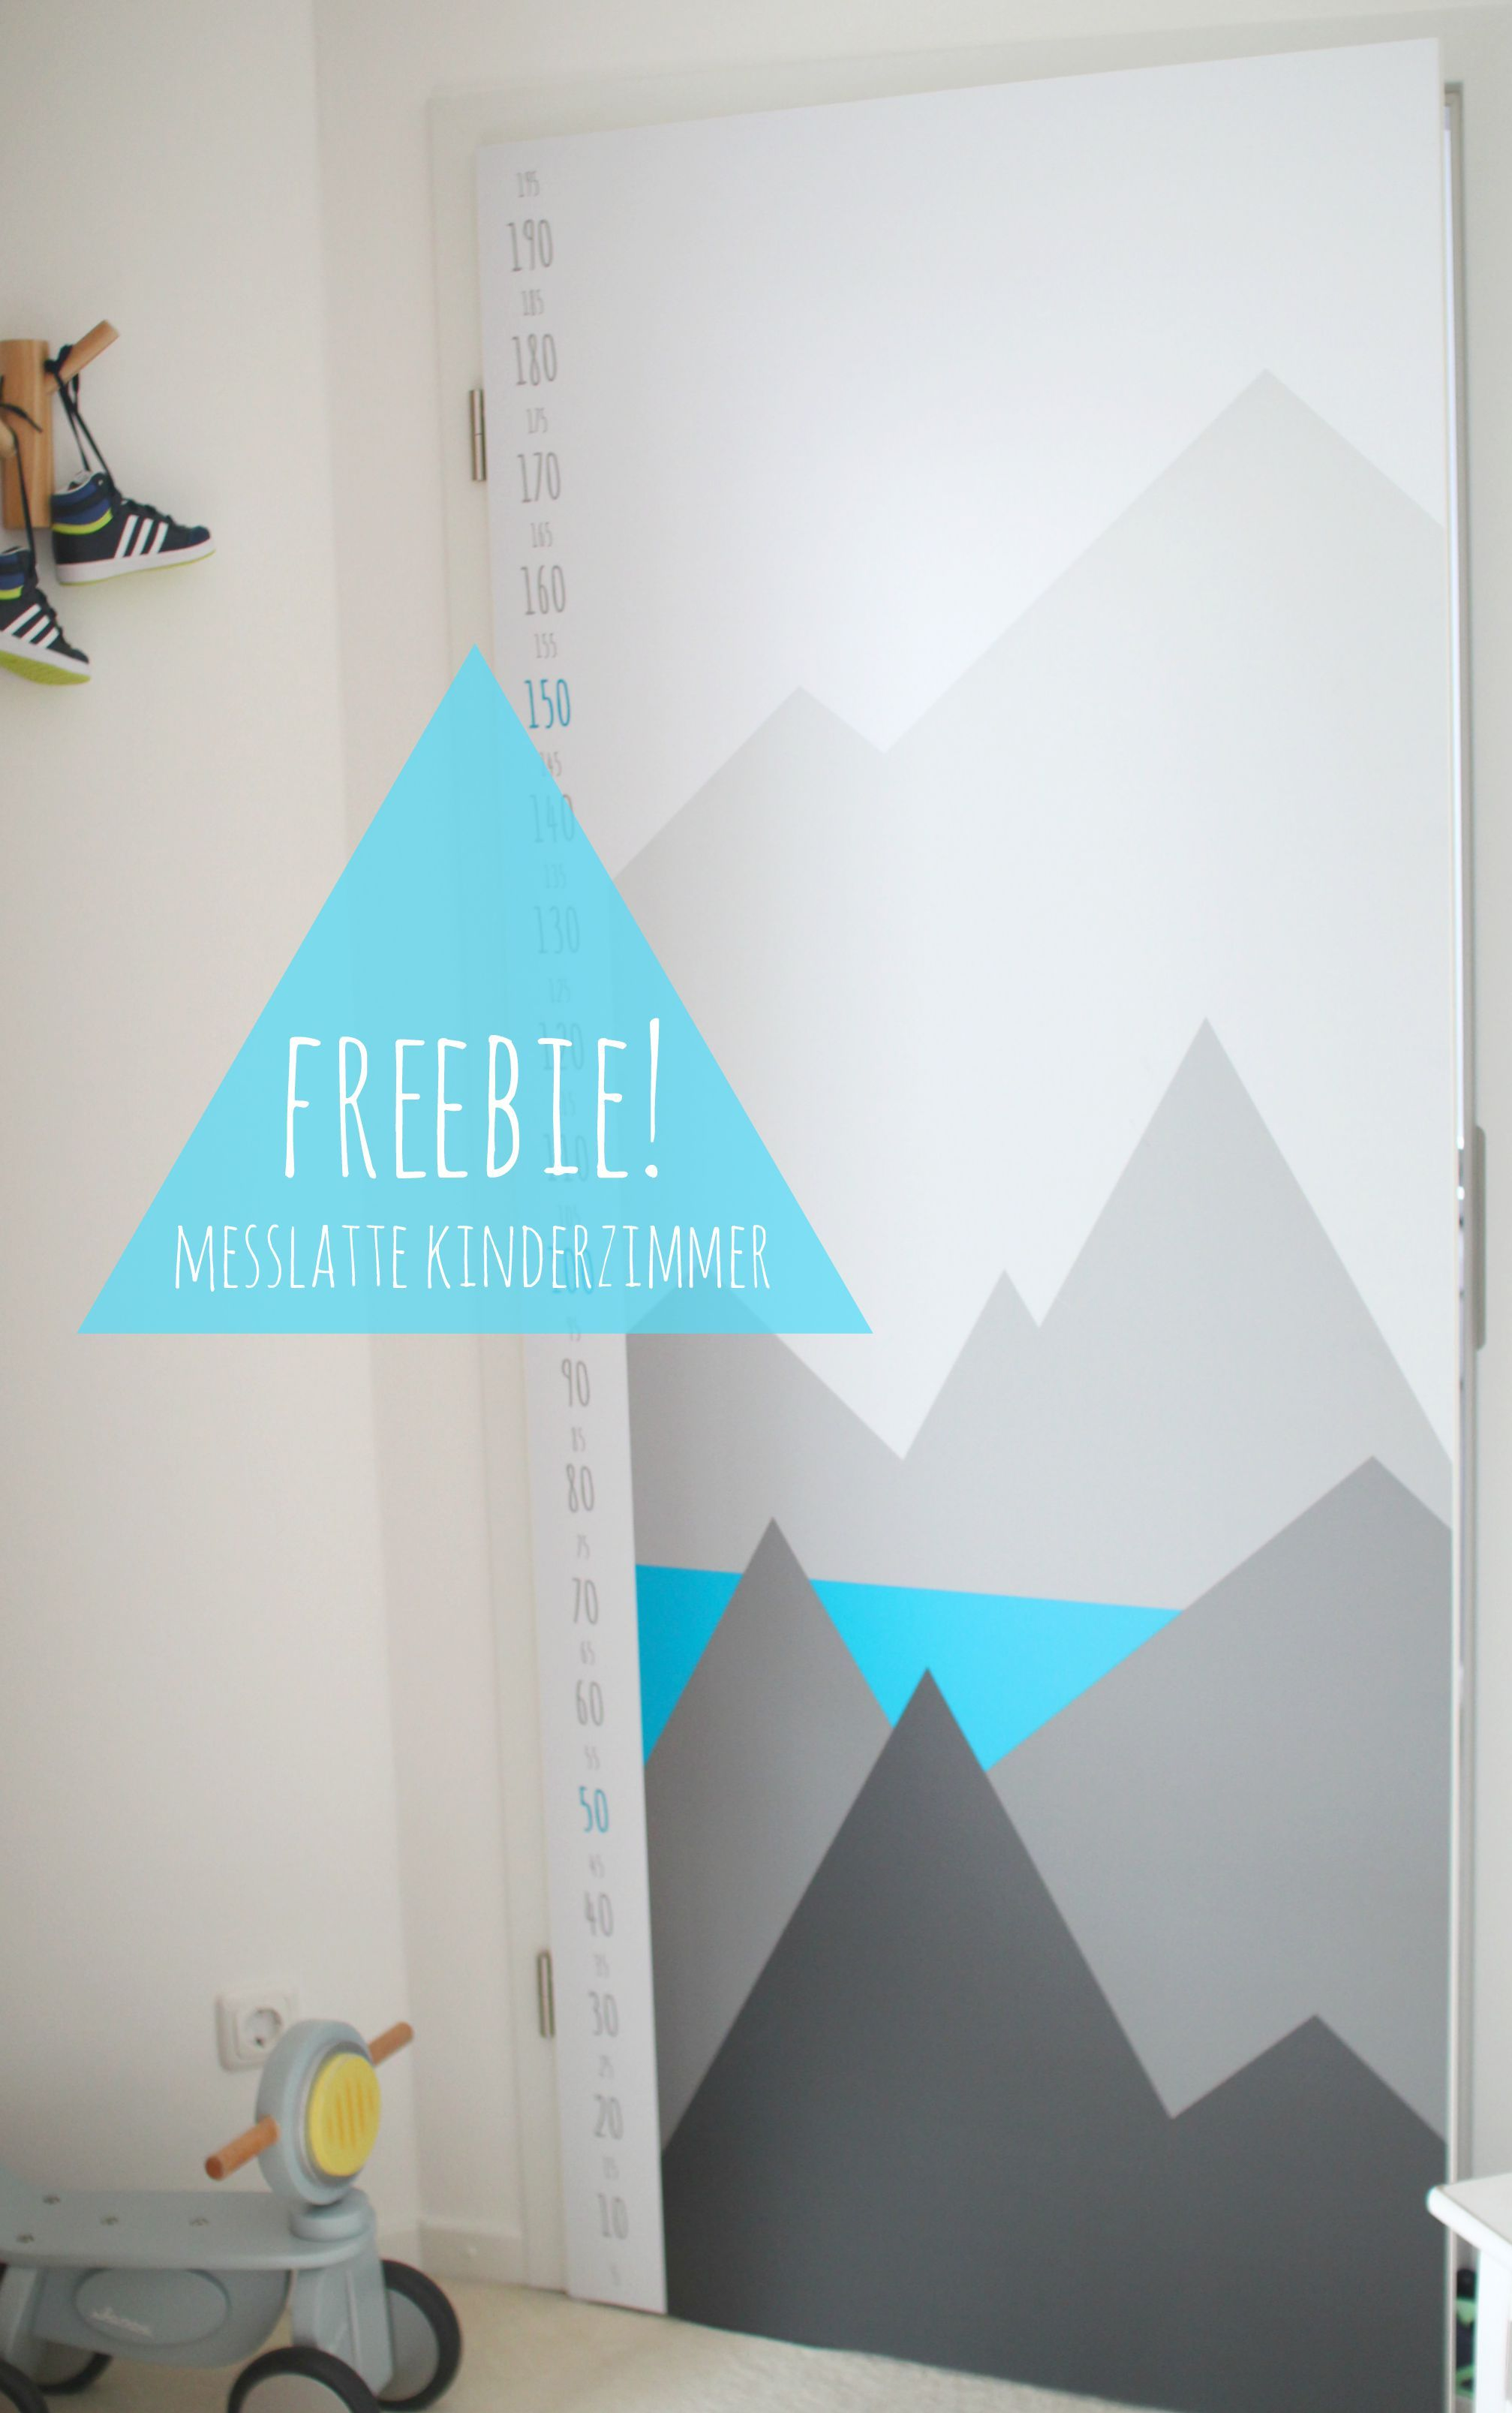 Marvelous Freebie: Messlatte Für Kinder   Zimmertür Mit Folie Bekleben (Werbung